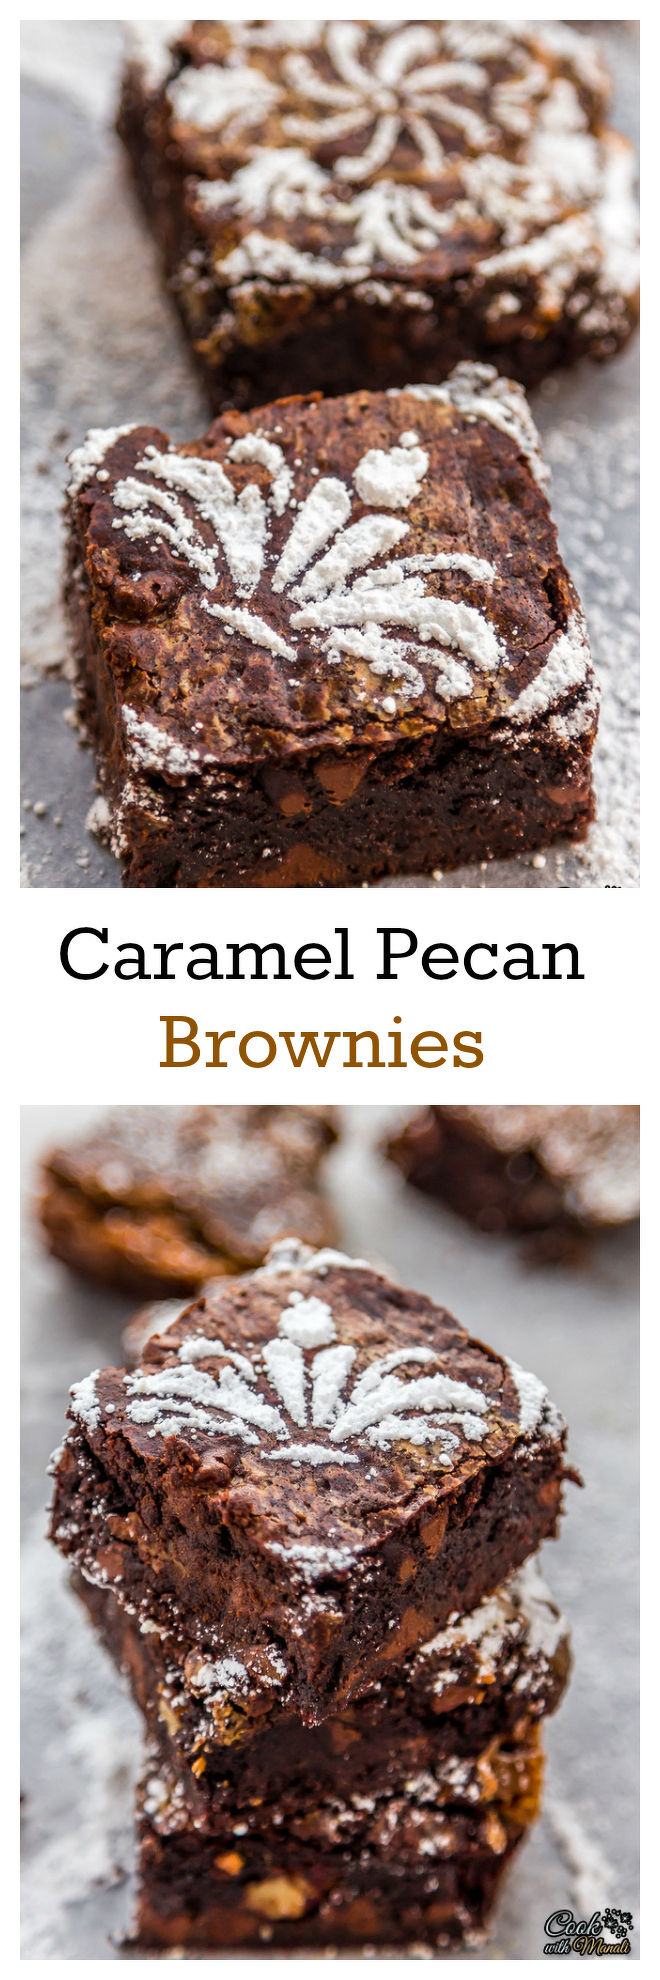 Caramel-Pecan-Brownies-Collage-nocwm